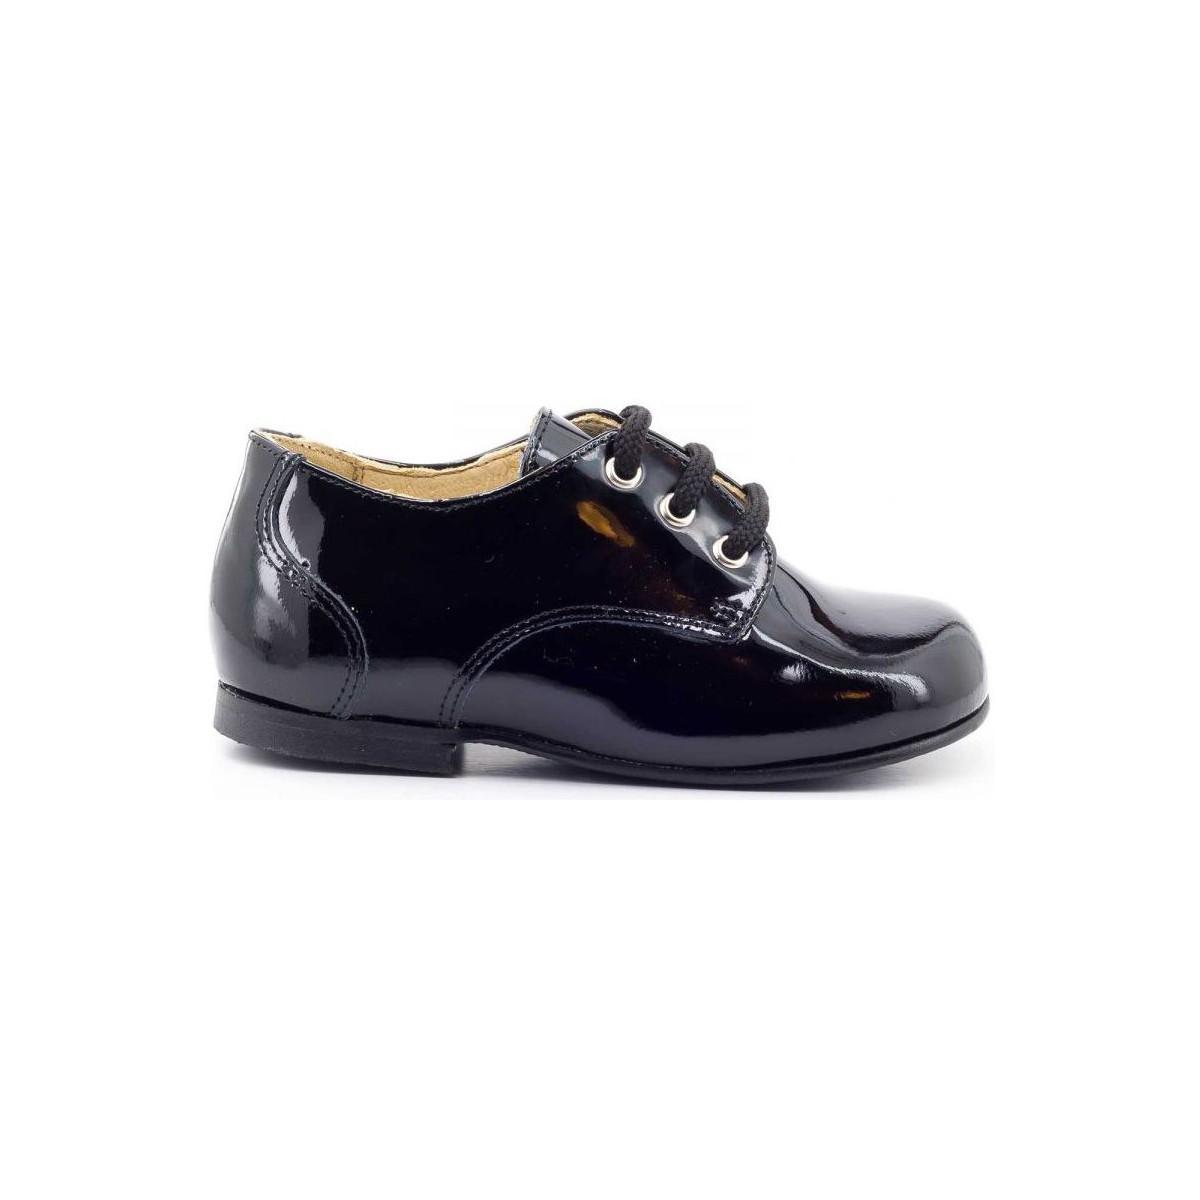 Chaussure-Ville Boni Classic Shoes Boni Mini-Philippe - chaussures bébé garçon Vernis Noir